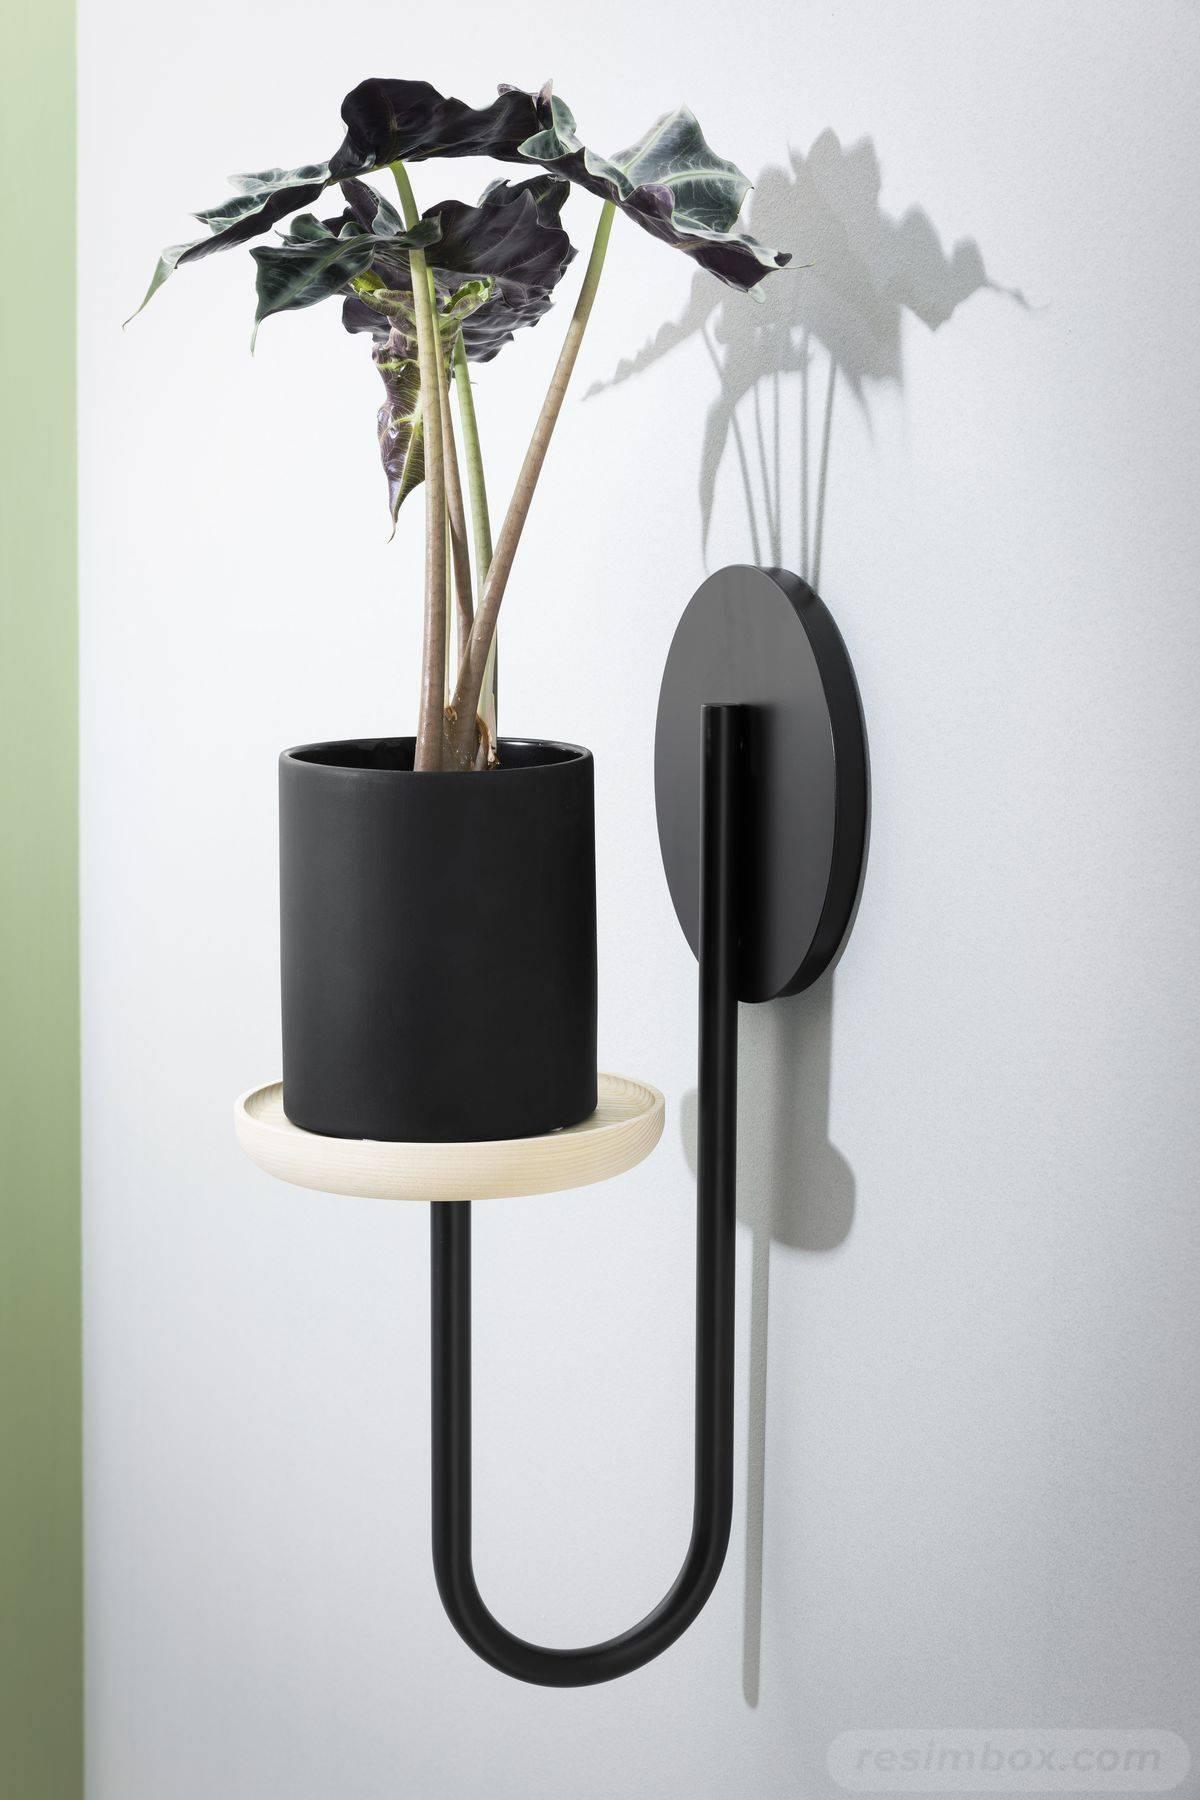 garden pot design-363595369911941777